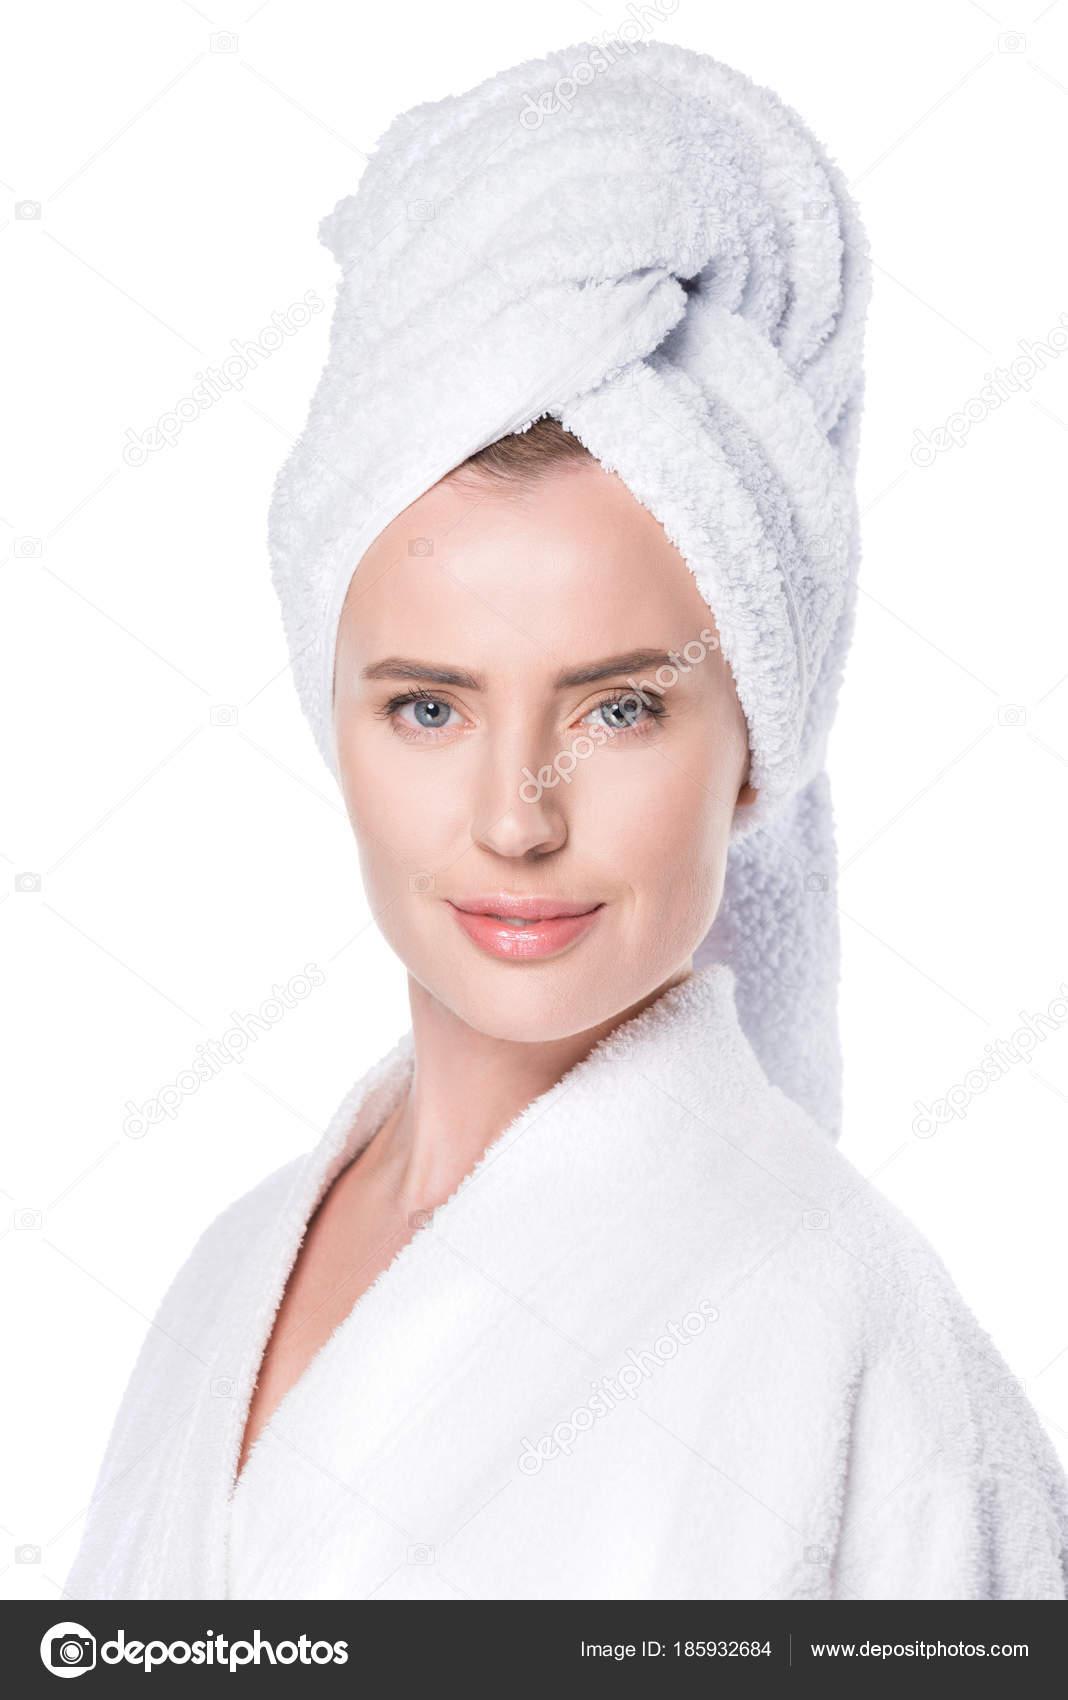 Tiszta Bőr Fürdőköpeny Törölköző Haj Elszigetelt Fehér Mosolygó Portréja —  Stock Fotó 94bc06909d